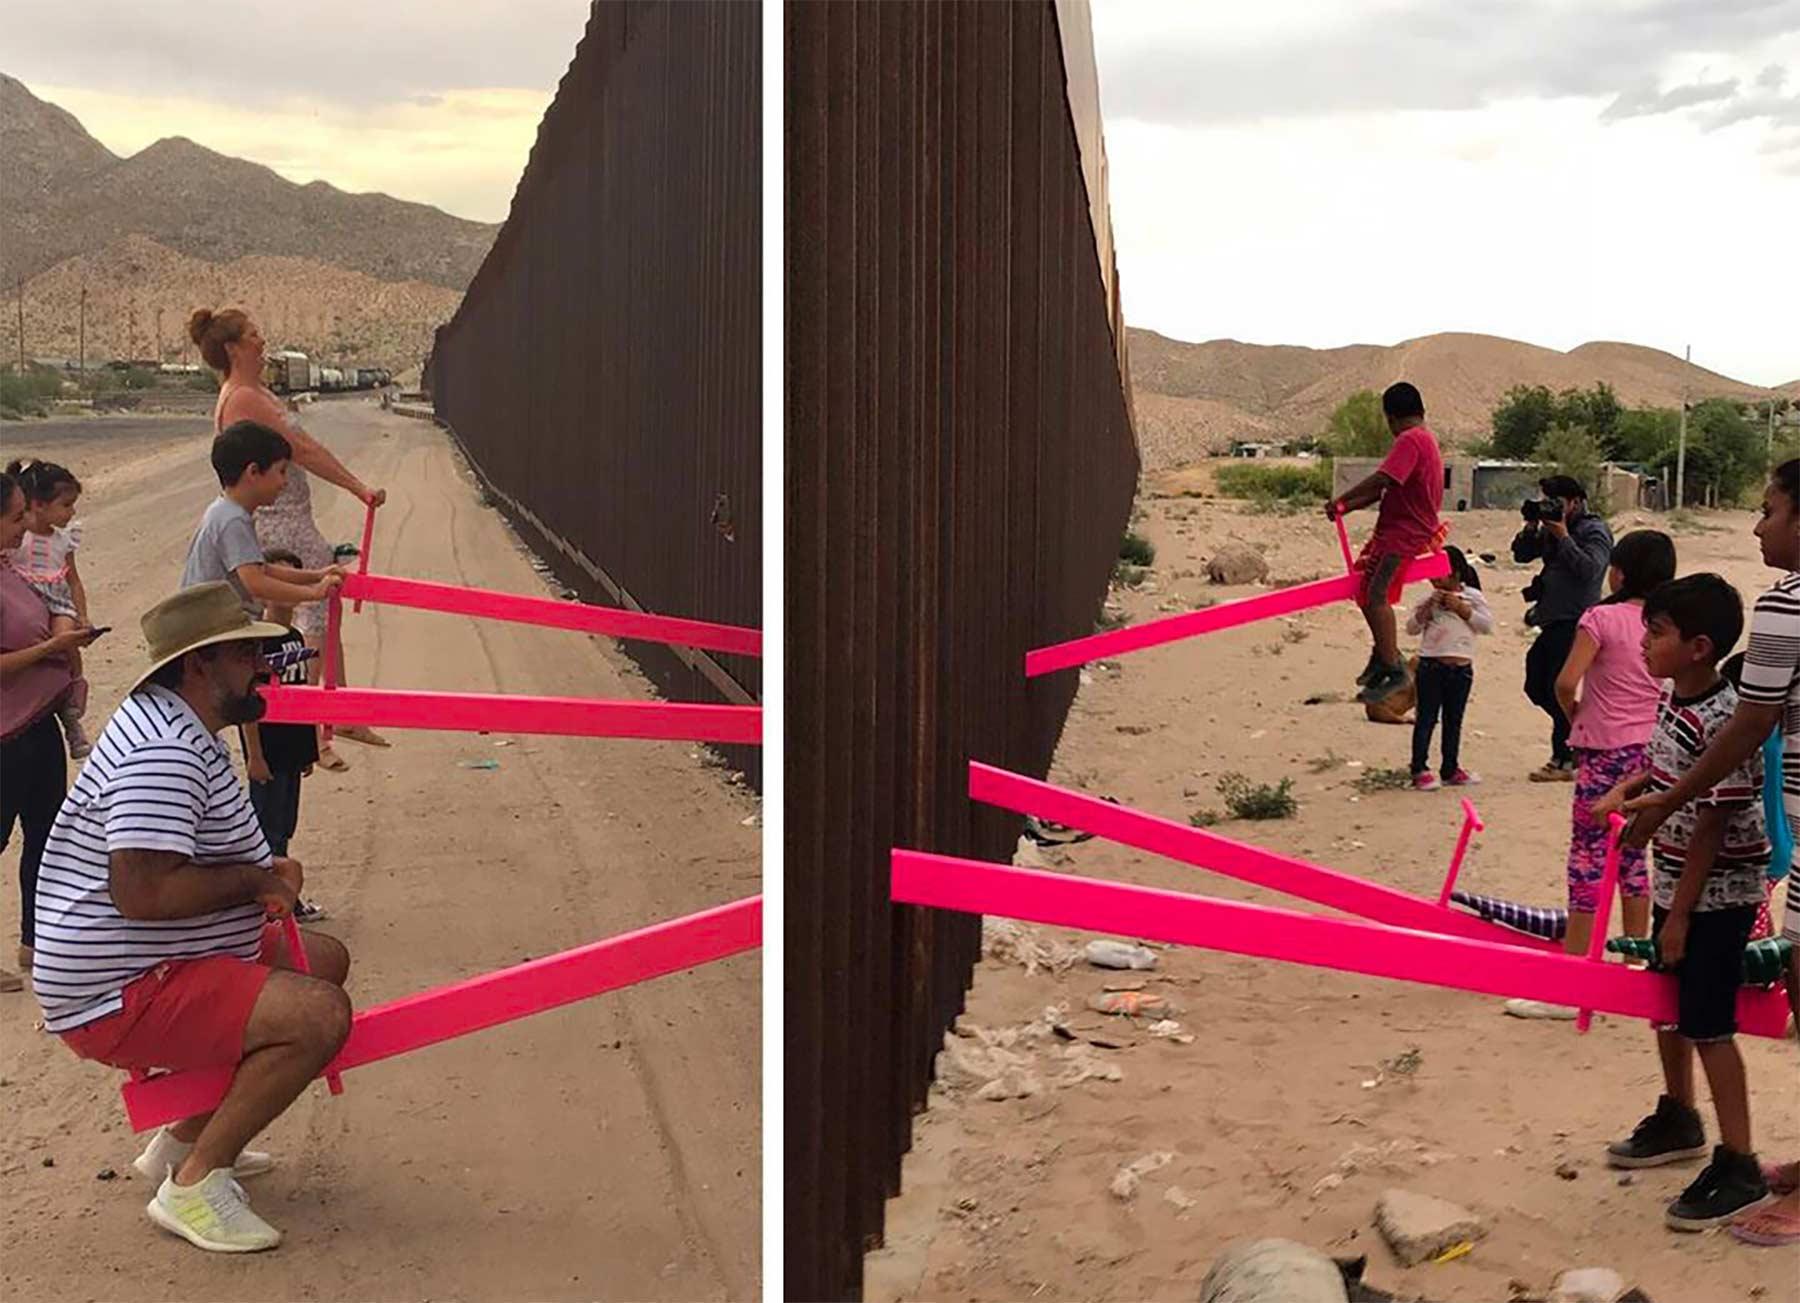 Wippen an der USA-Mexiko-Grenze laden zum gemeinsamen Spielen ein